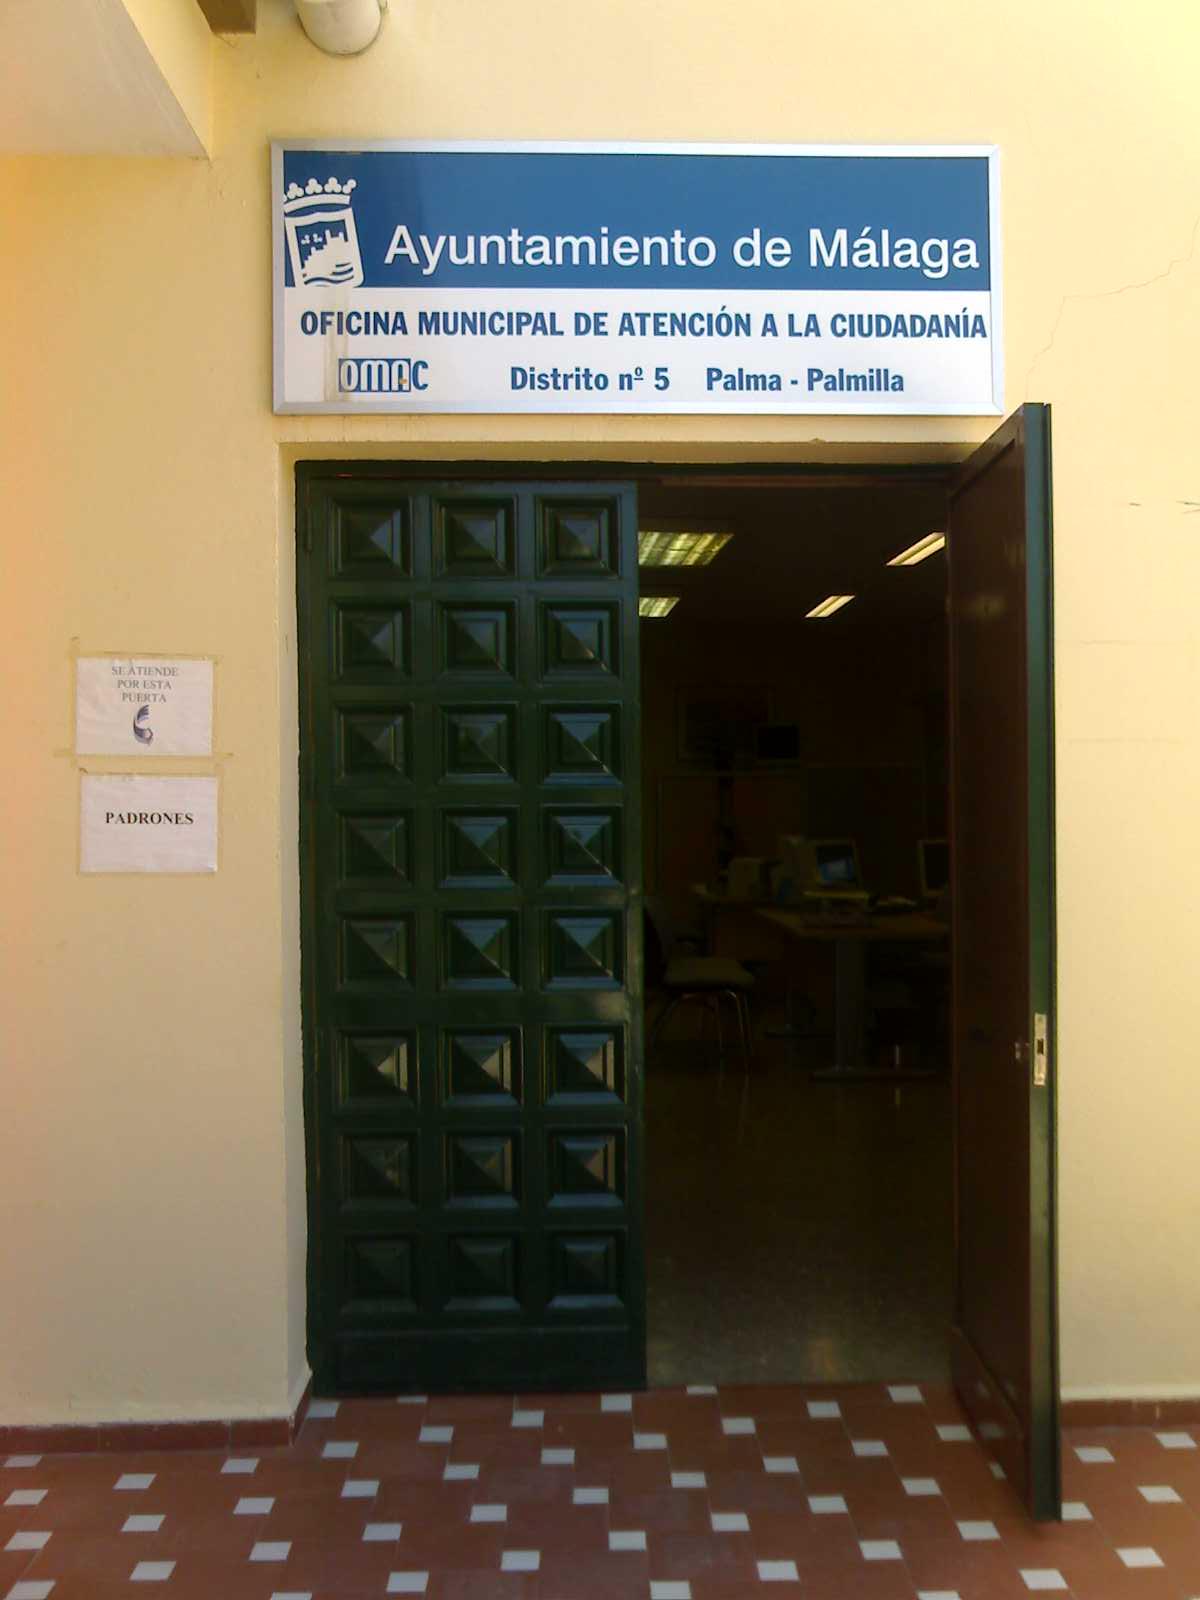 Oficina Municipal de Atención a la Ciudadanía (OMAC 5 - Palma Palmilla)